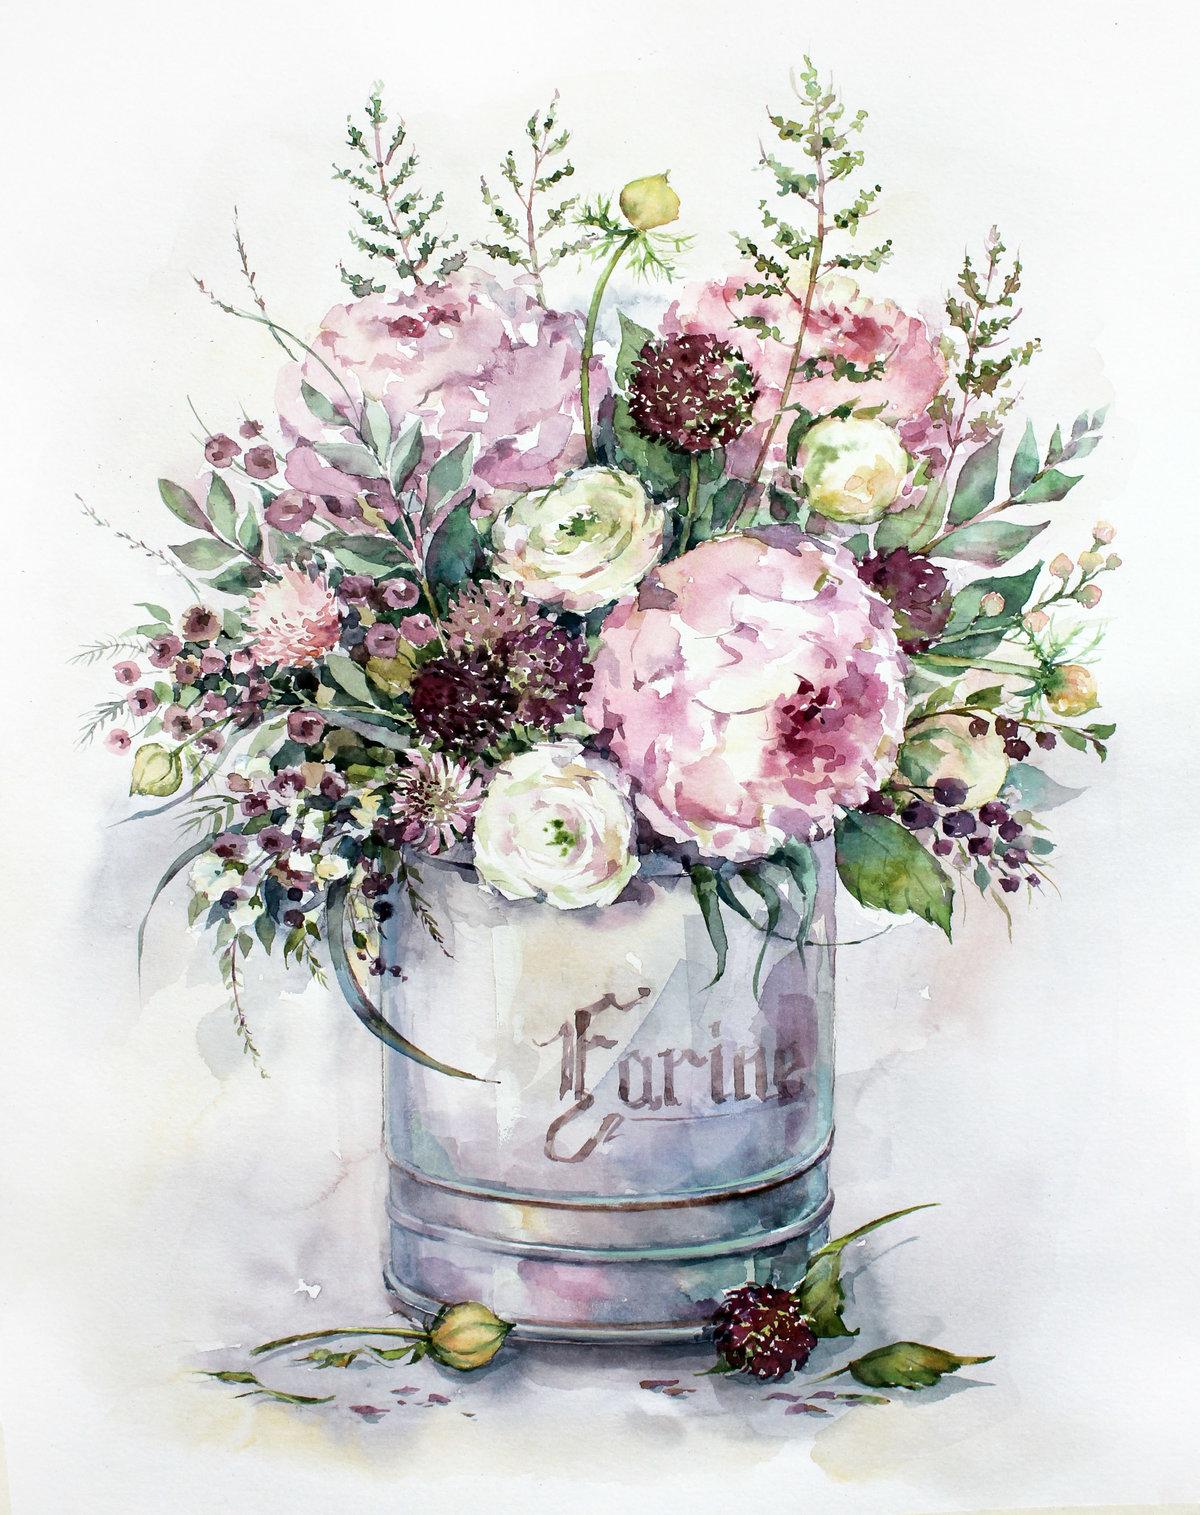 Акварель цветы для открыток, картинках